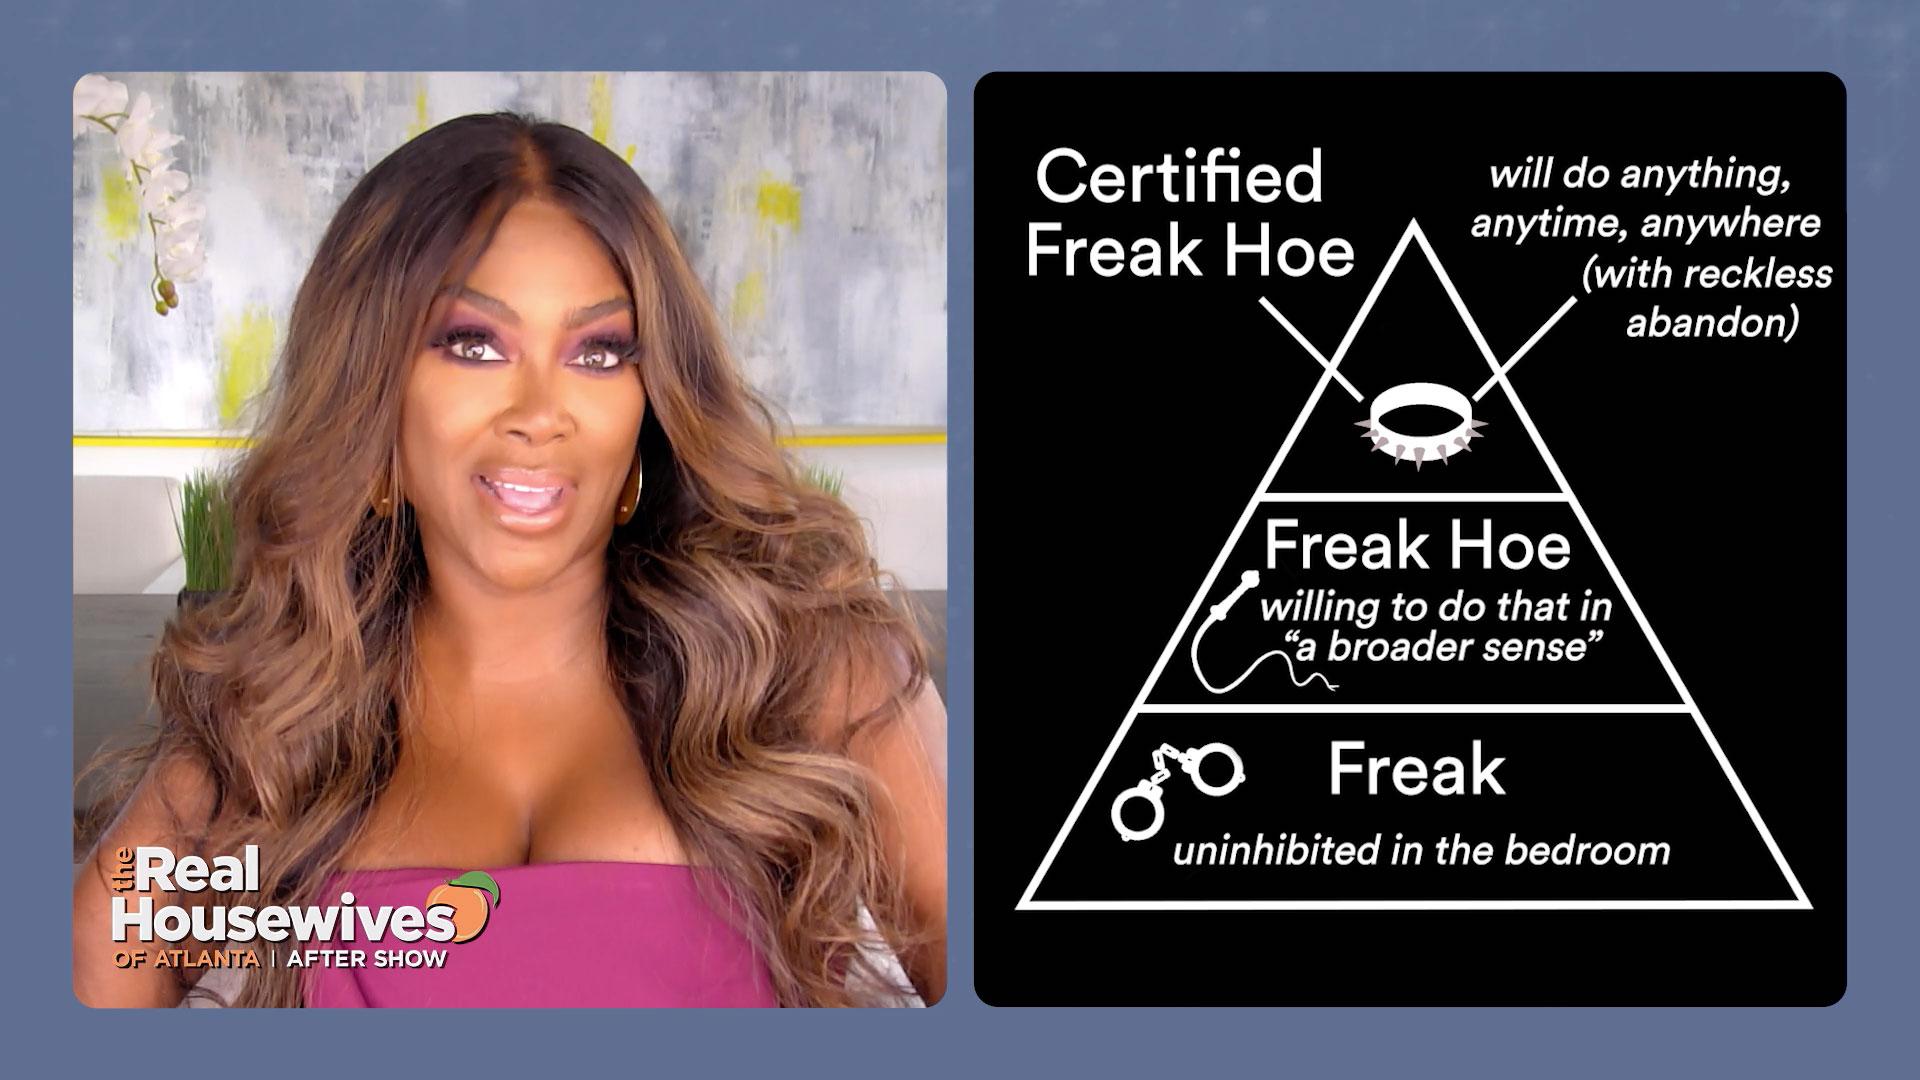 210305_4322974_What_Is_a__Certified_Freak_Ho___Cynthia_Bail.jpg